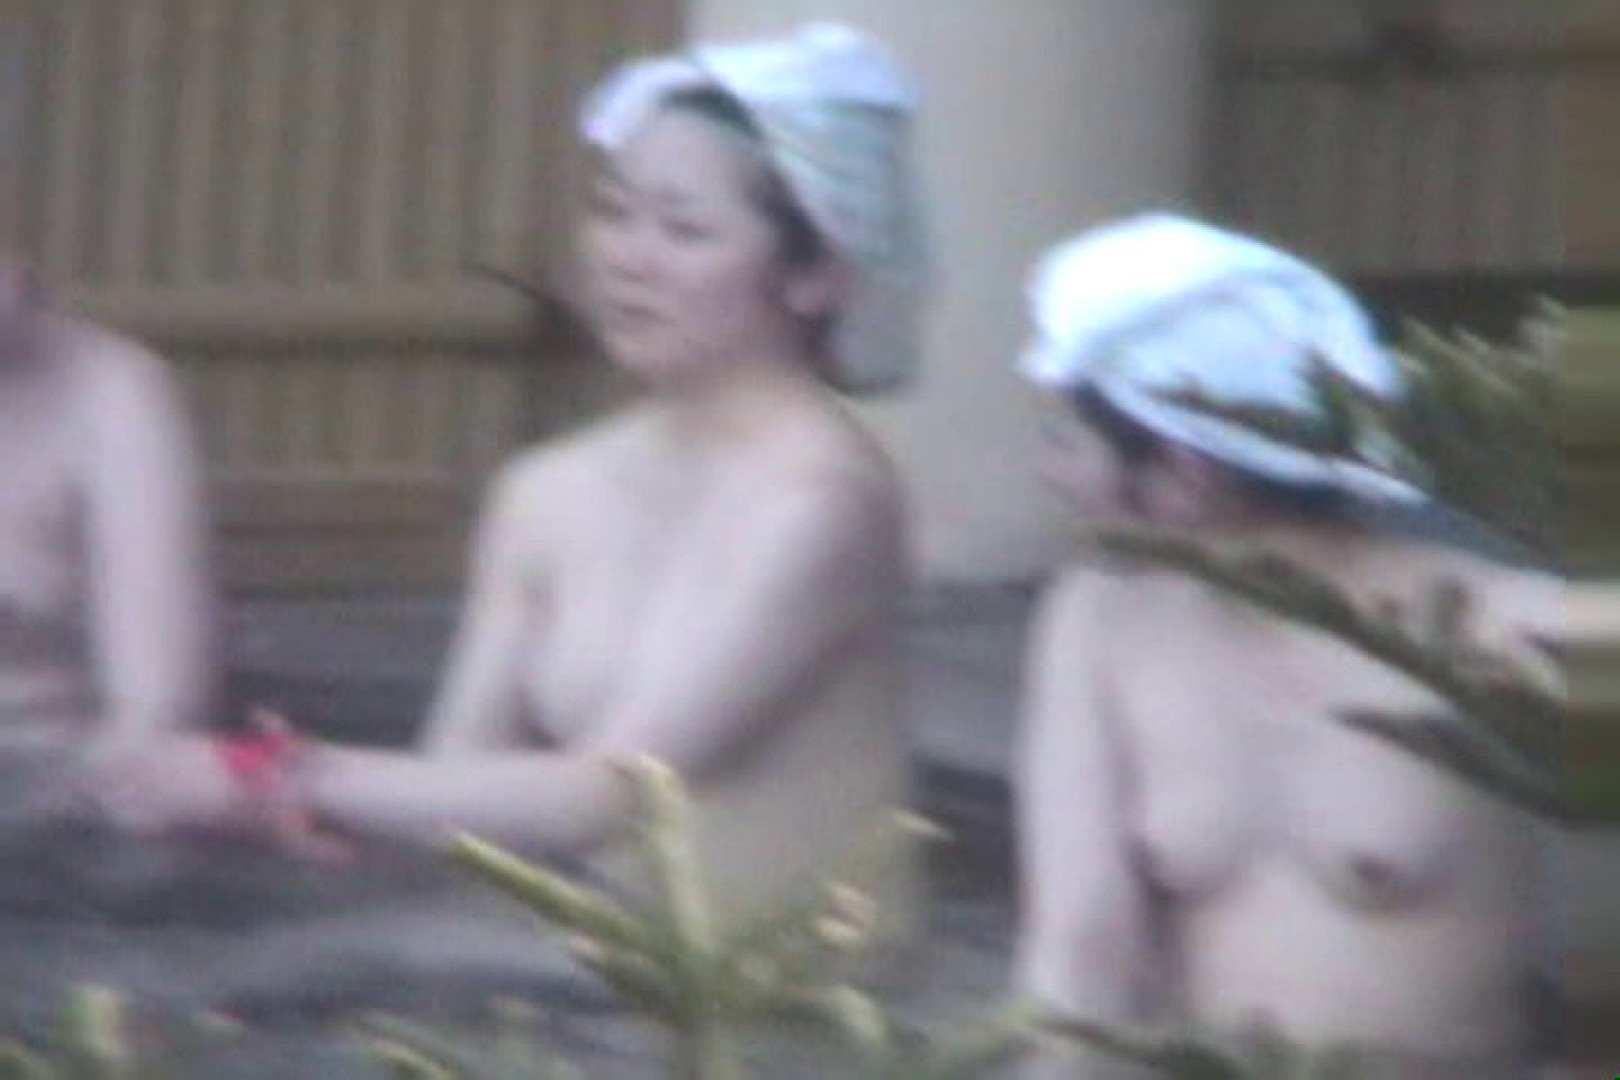 Aquaな露天風呂Vol.86【VIP限定】 盗撮師作品   美しいOLの裸体  94pic 52